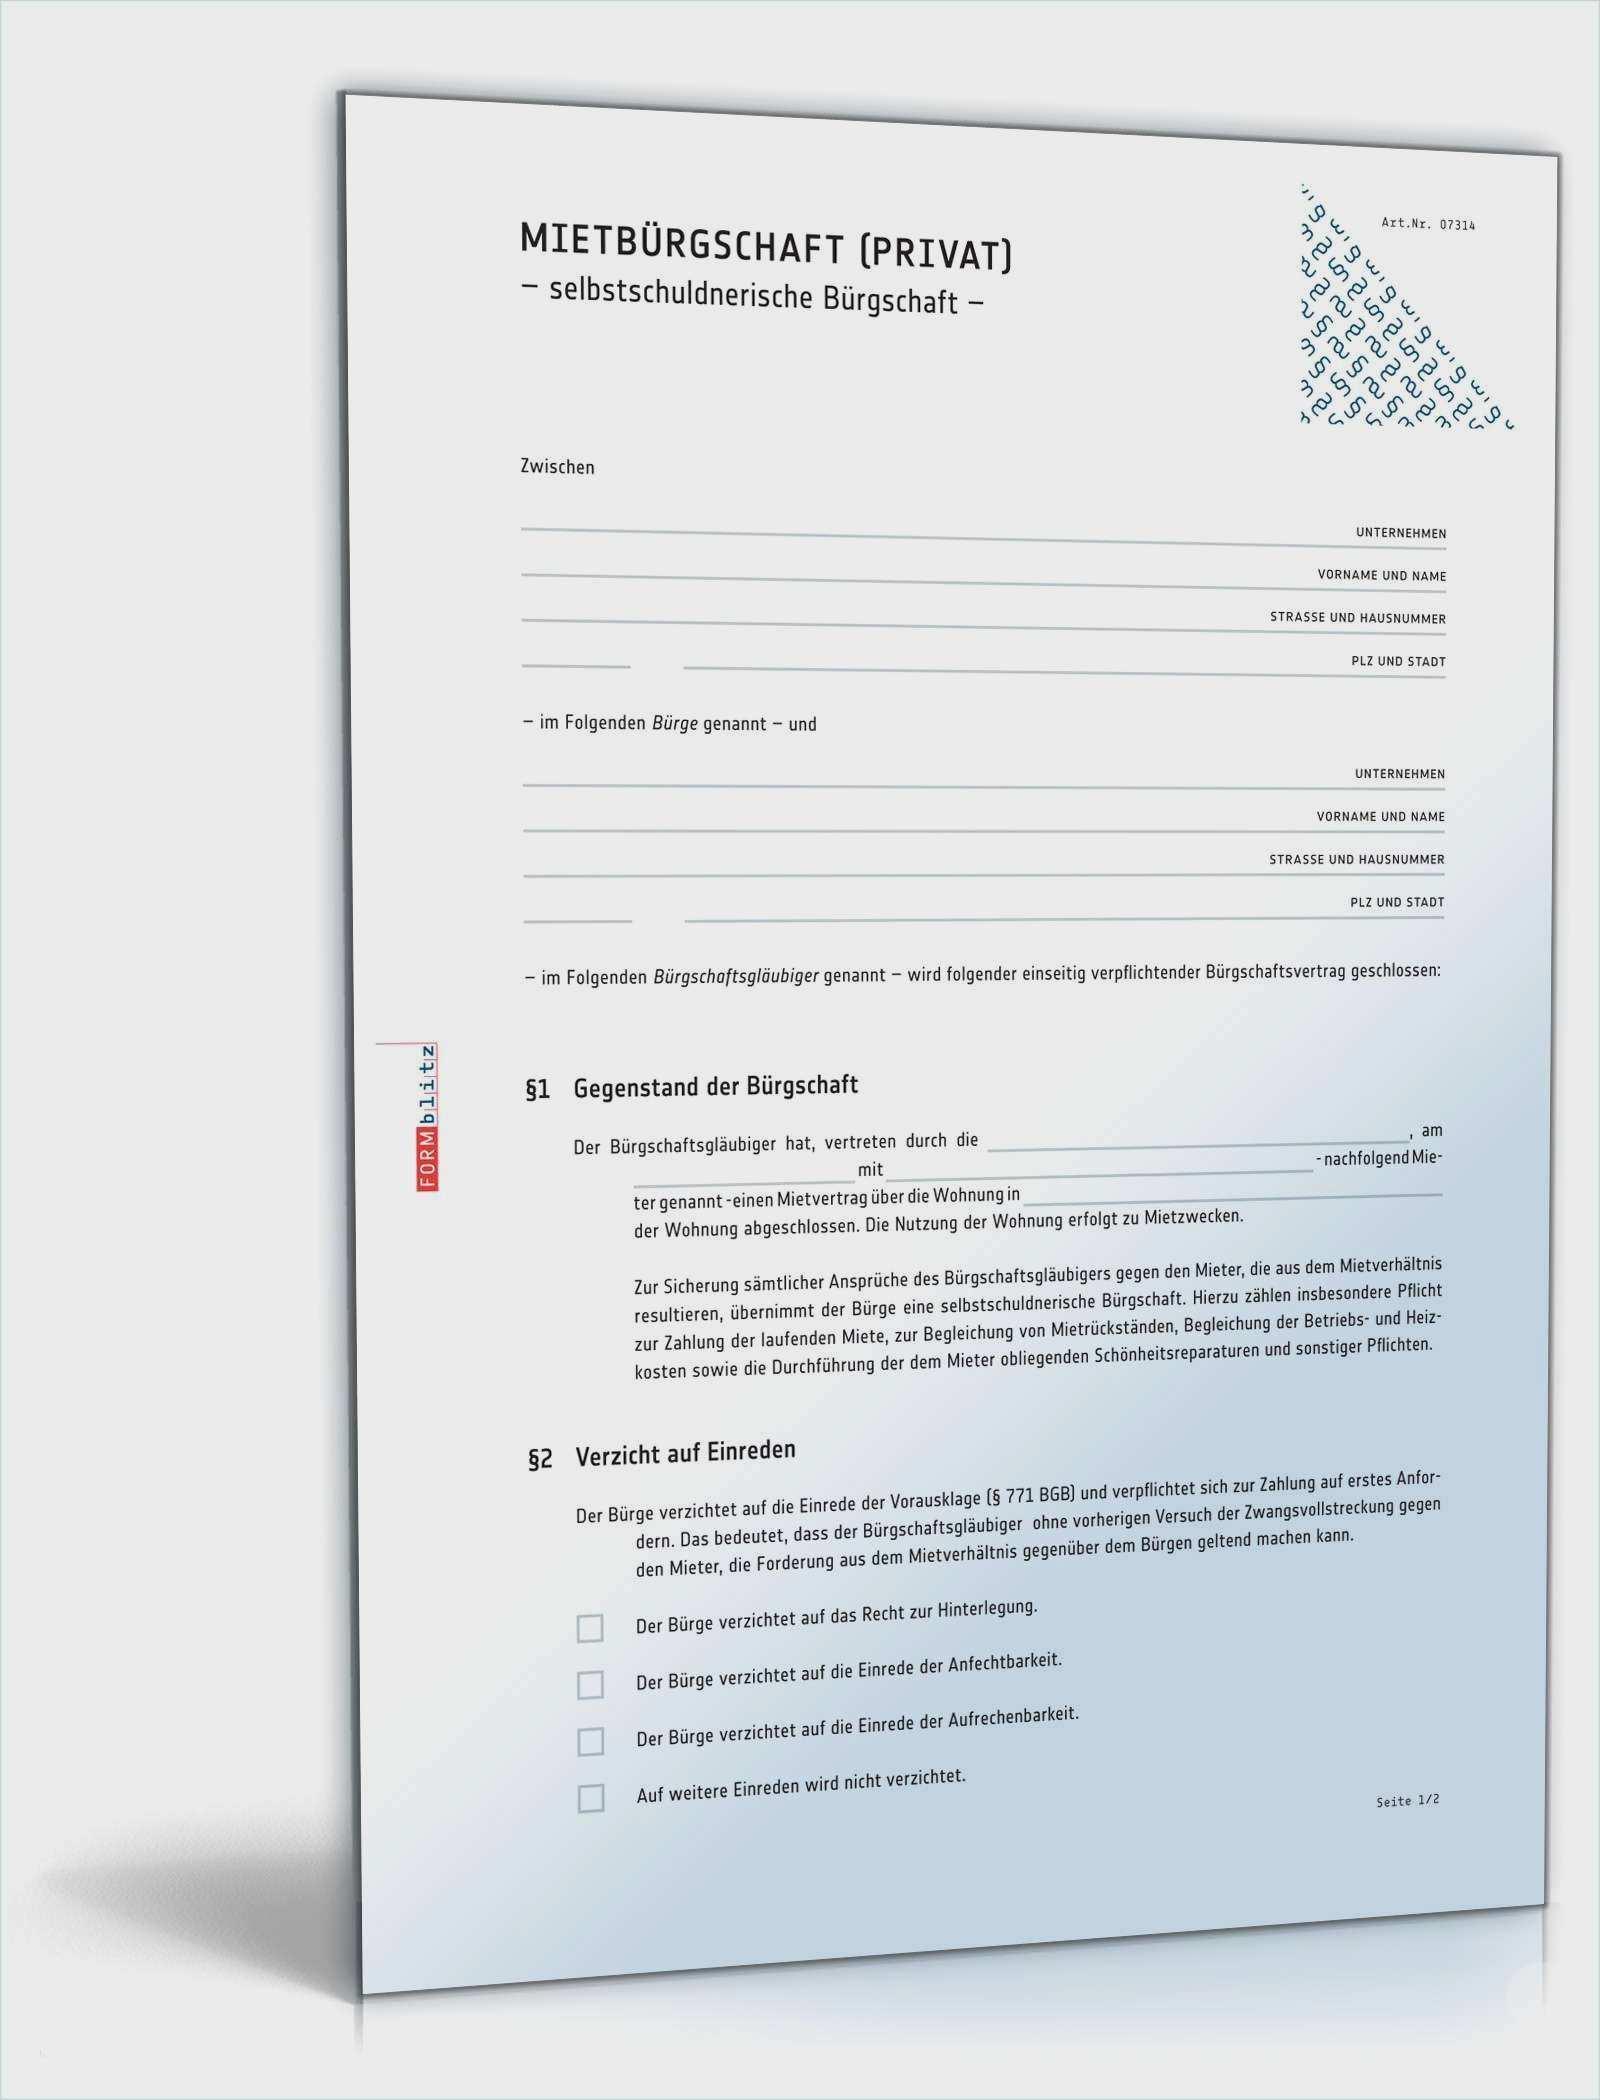 37 Wunderbar Mietburgschaft Vorlage Kostenlos Sie Konnen Anpassen In Ms Word In 2020 Vorlagen Vorlagen Word Aufhebung